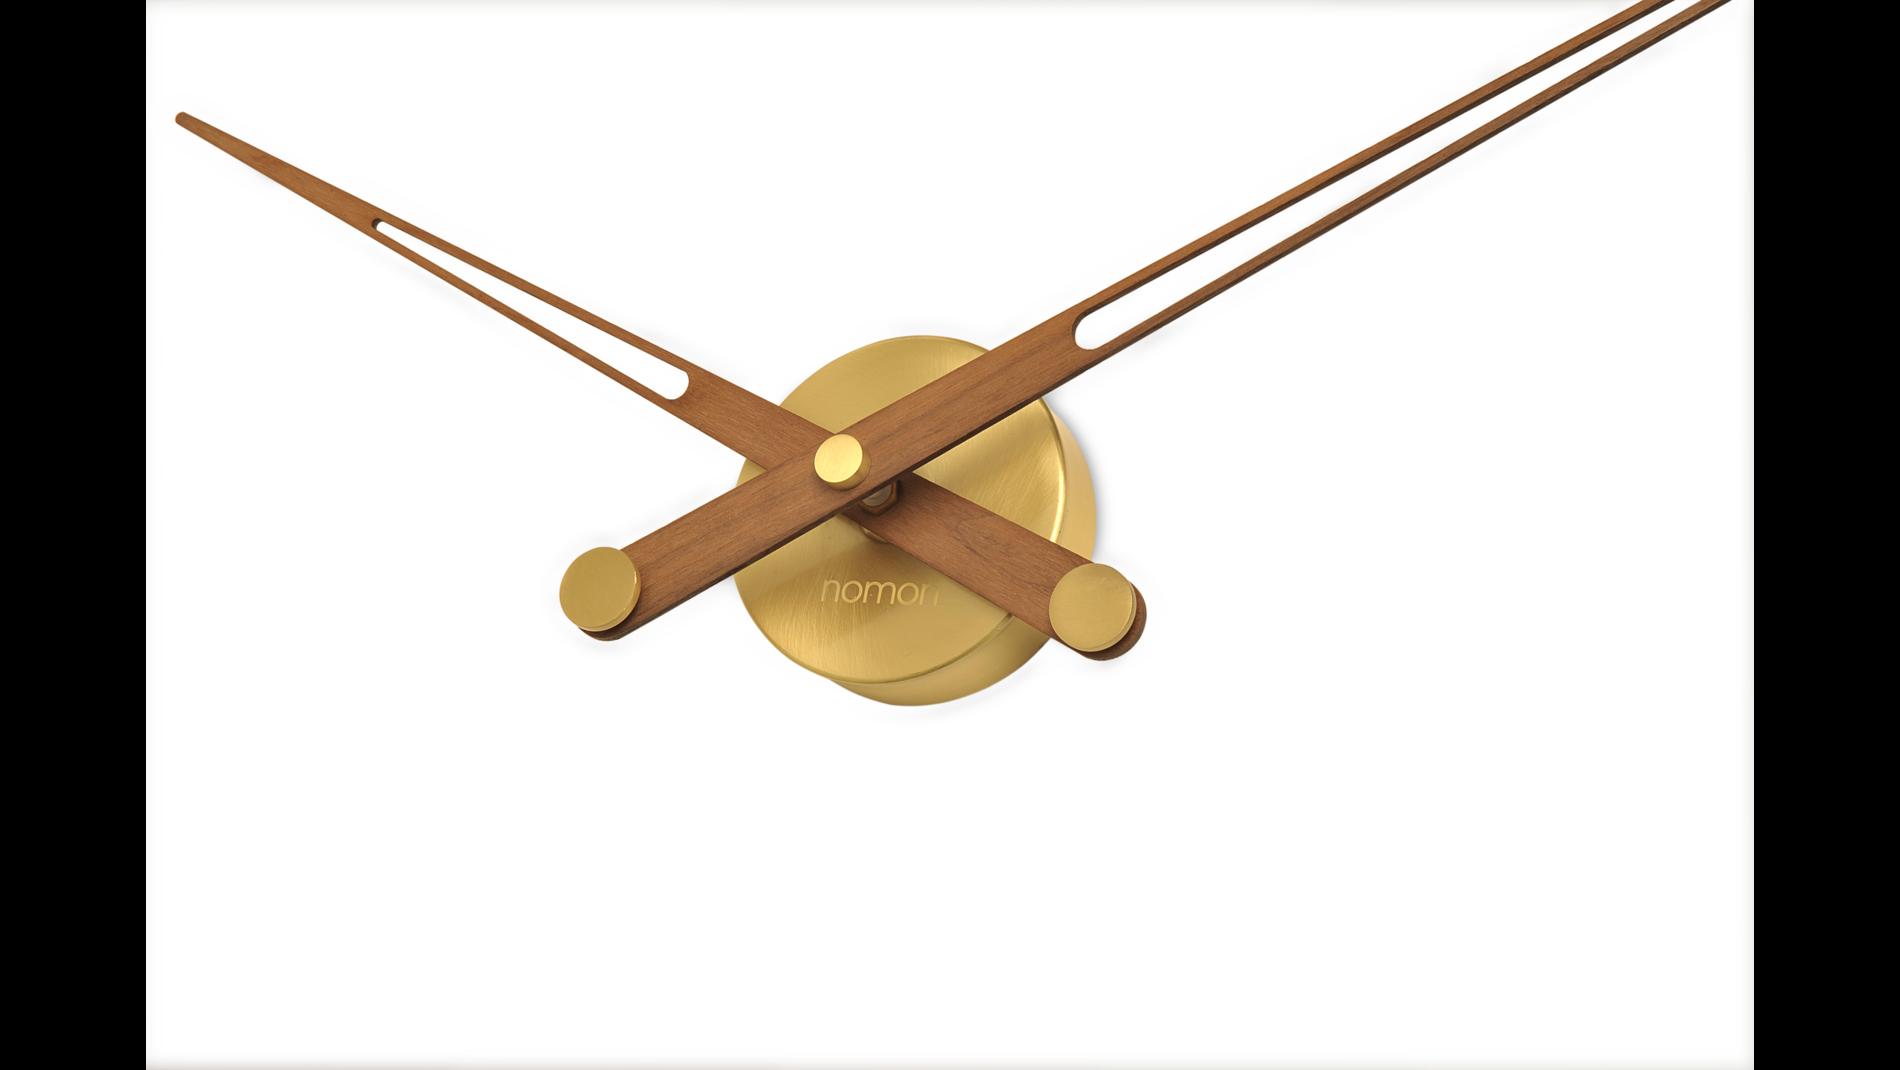 Часы Nomon AXIOMA GOLD N, полированная латунь/орех, d=74см